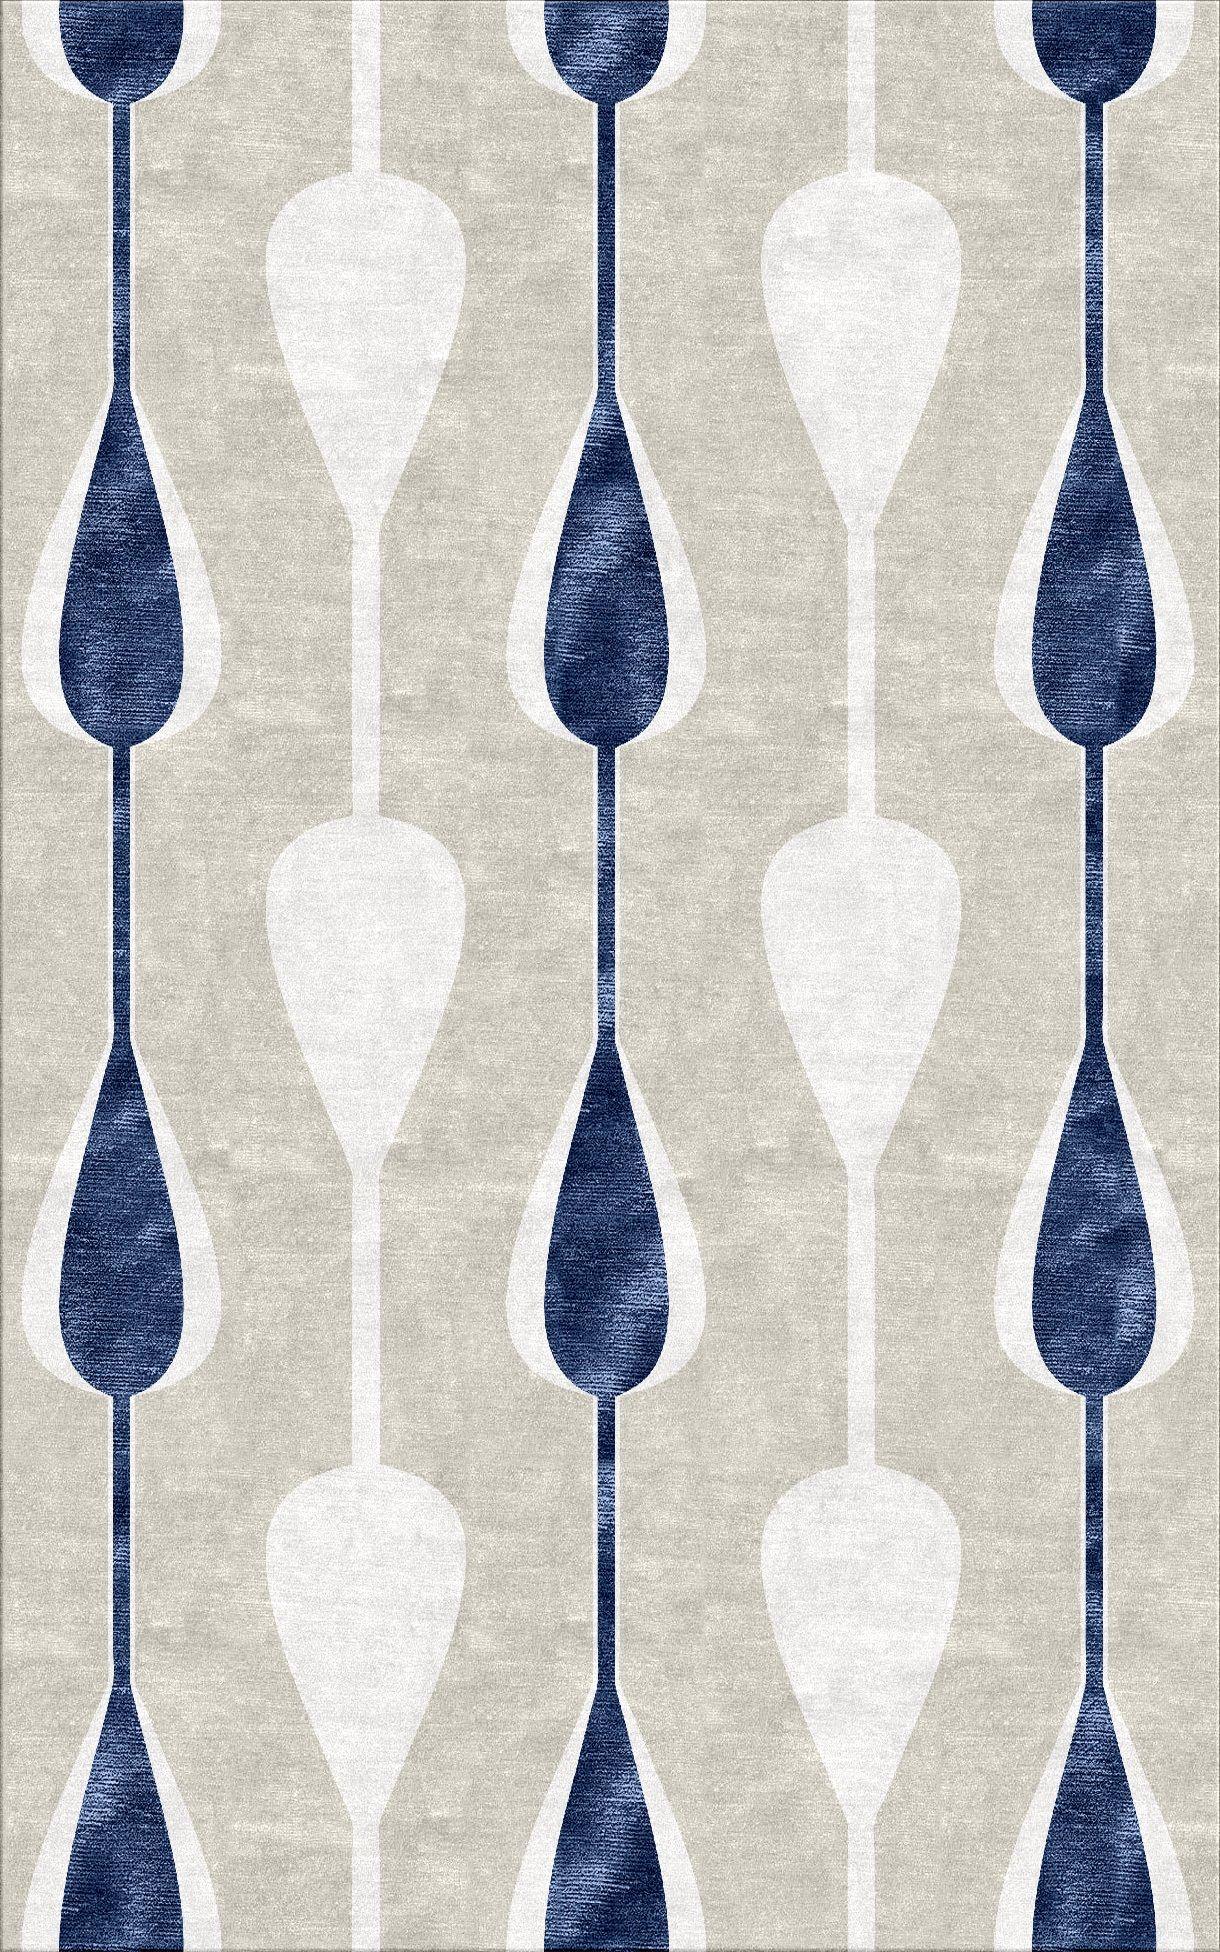 Custom Cool Rug Rendering A Splash Of Blue In 2019